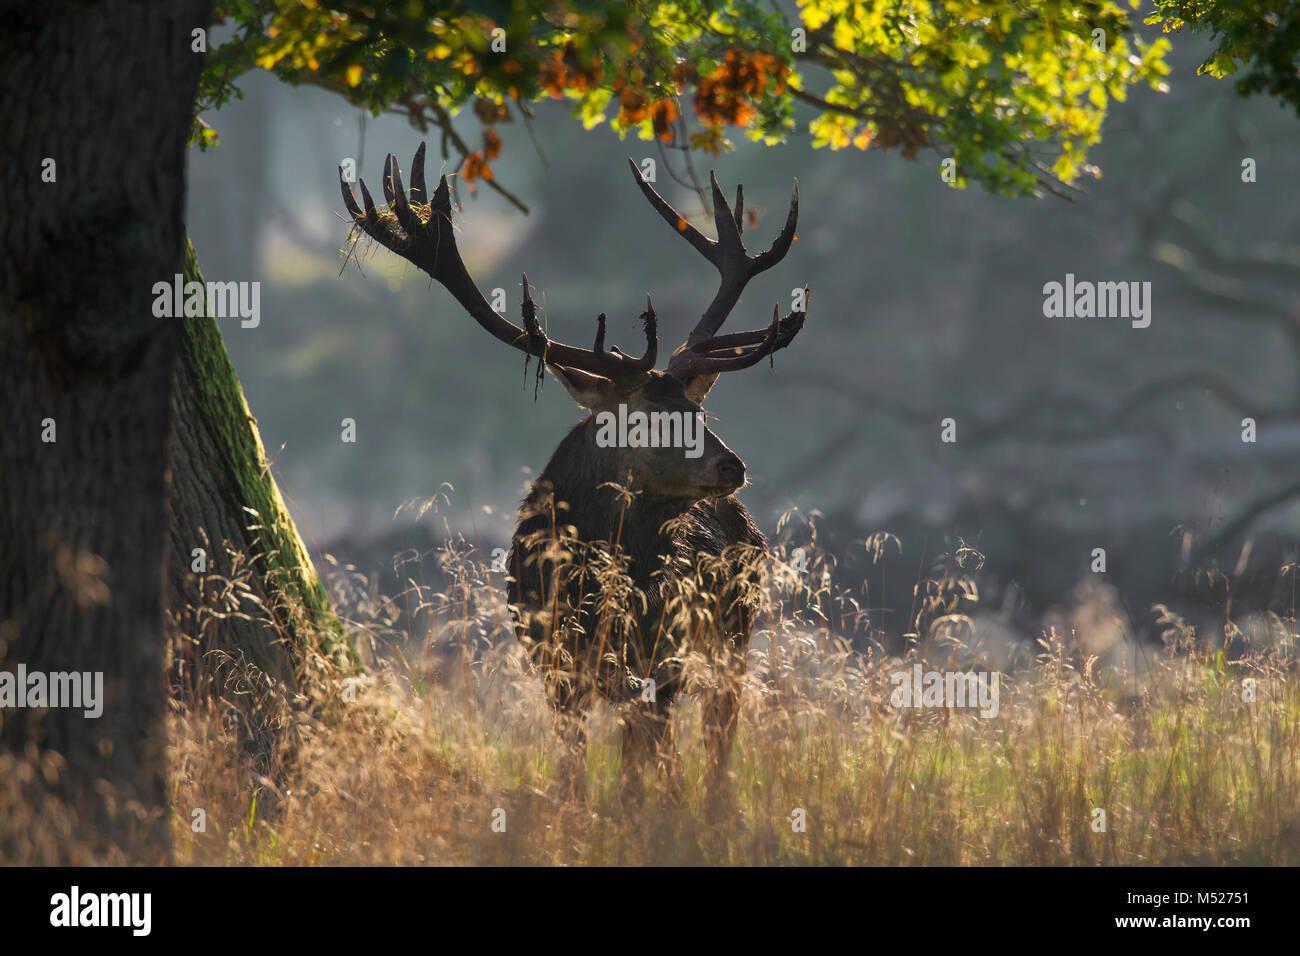 Red Deer (Cervus elaphus) Rothirsch mit Geweih in Schlamm und Vegetation während der Brunft im Herbst Wald Stockbild